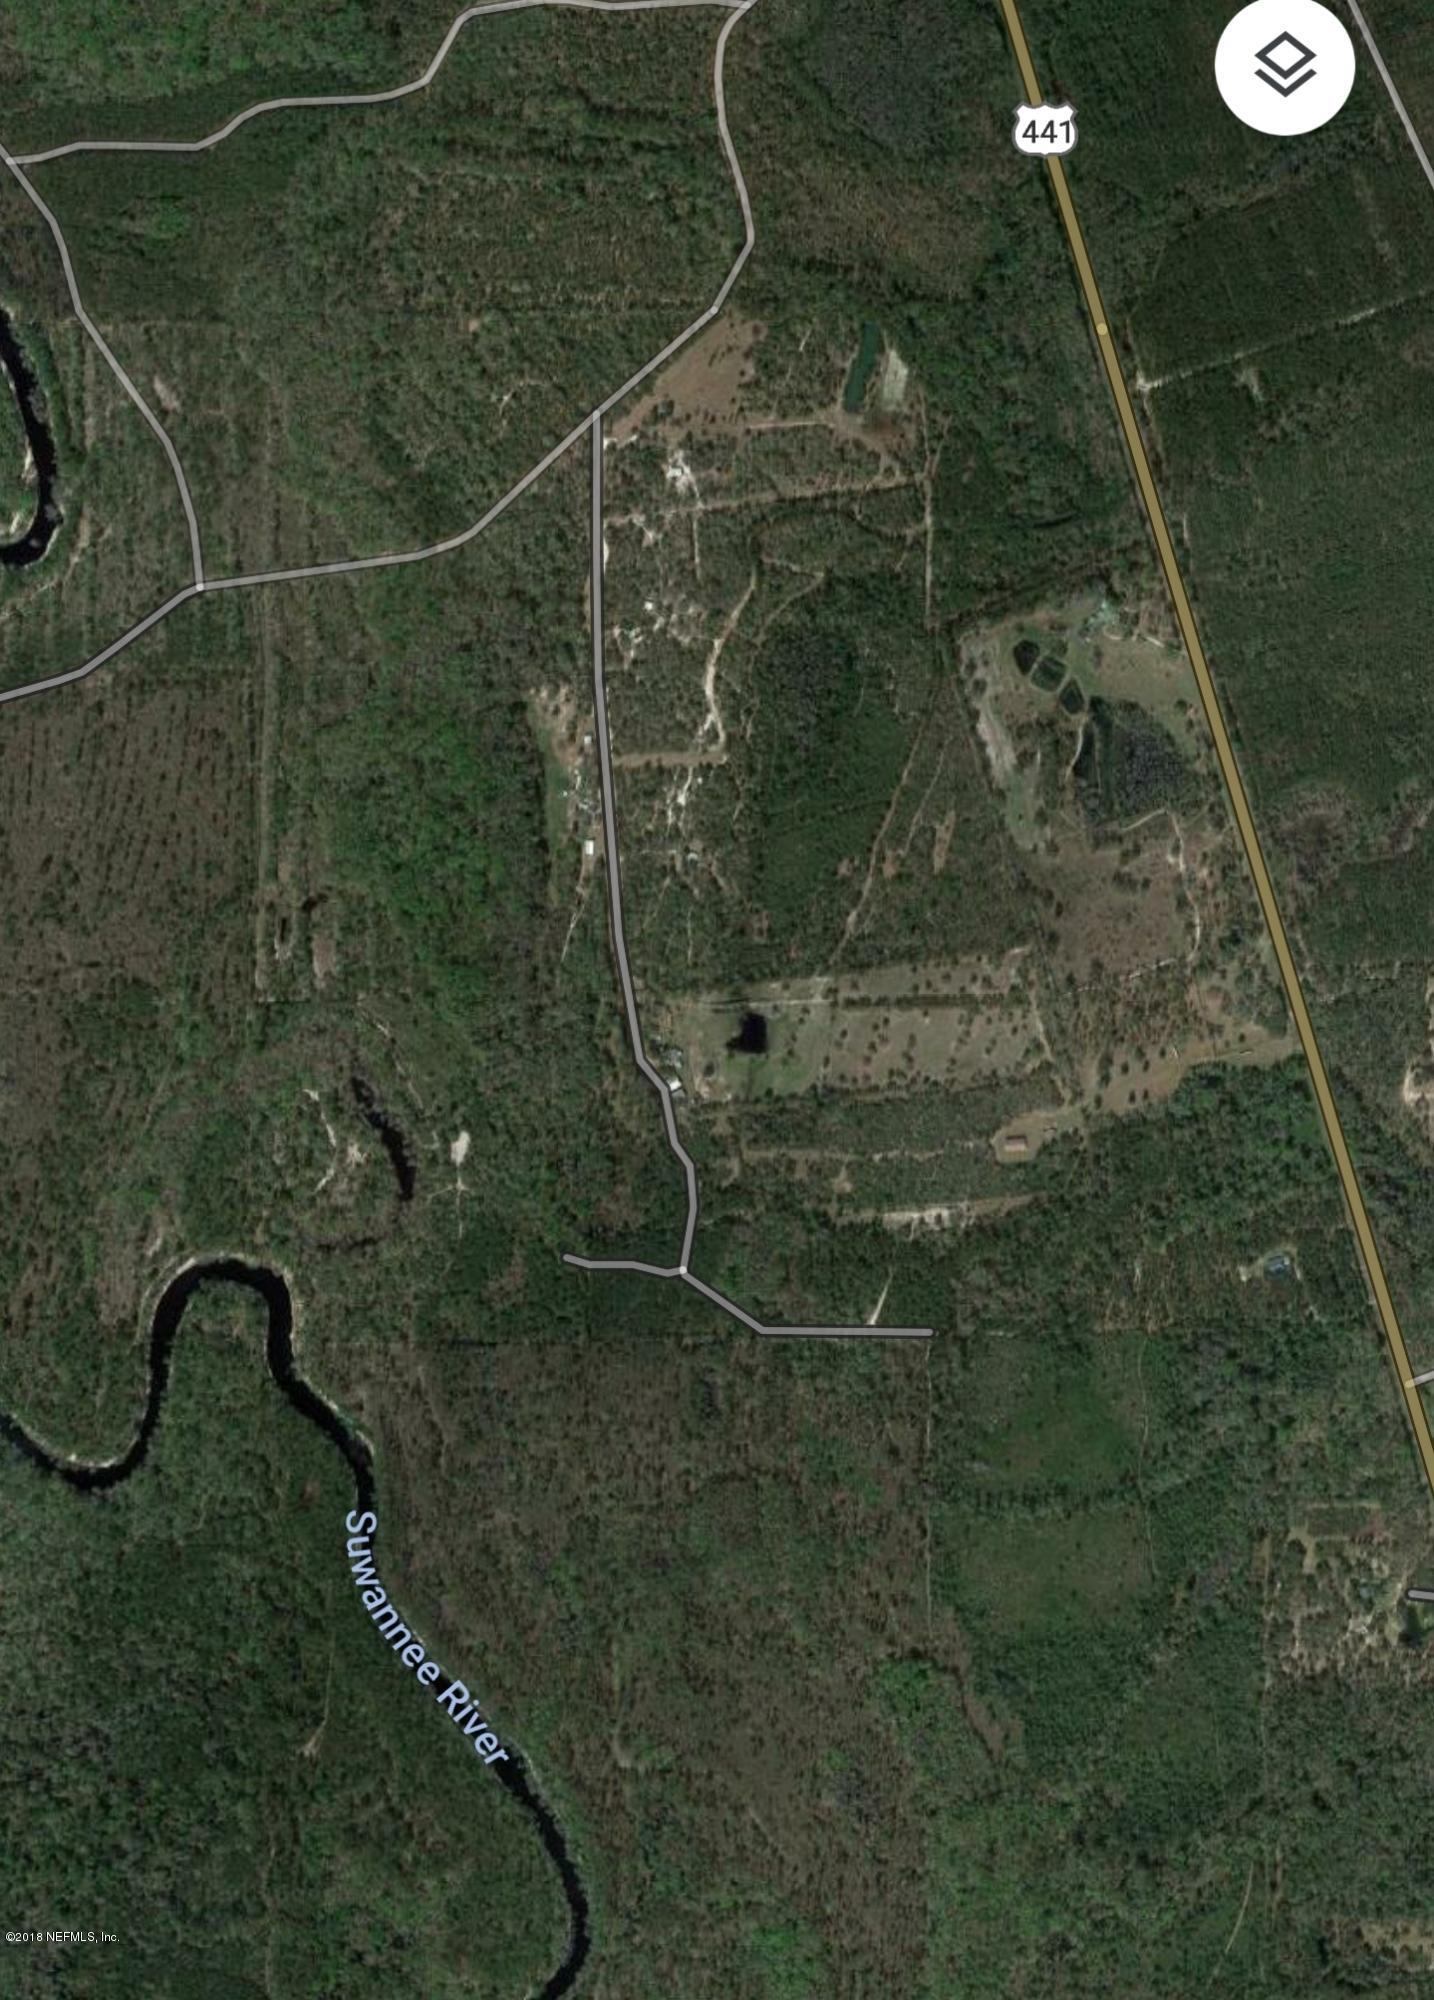 0 NW BRIGHT LAKE COURT, WHITE SPRINGS, FLORIDA 32096, ,Vacant land,For sale,NW BRIGHT LAKE COURT,964451